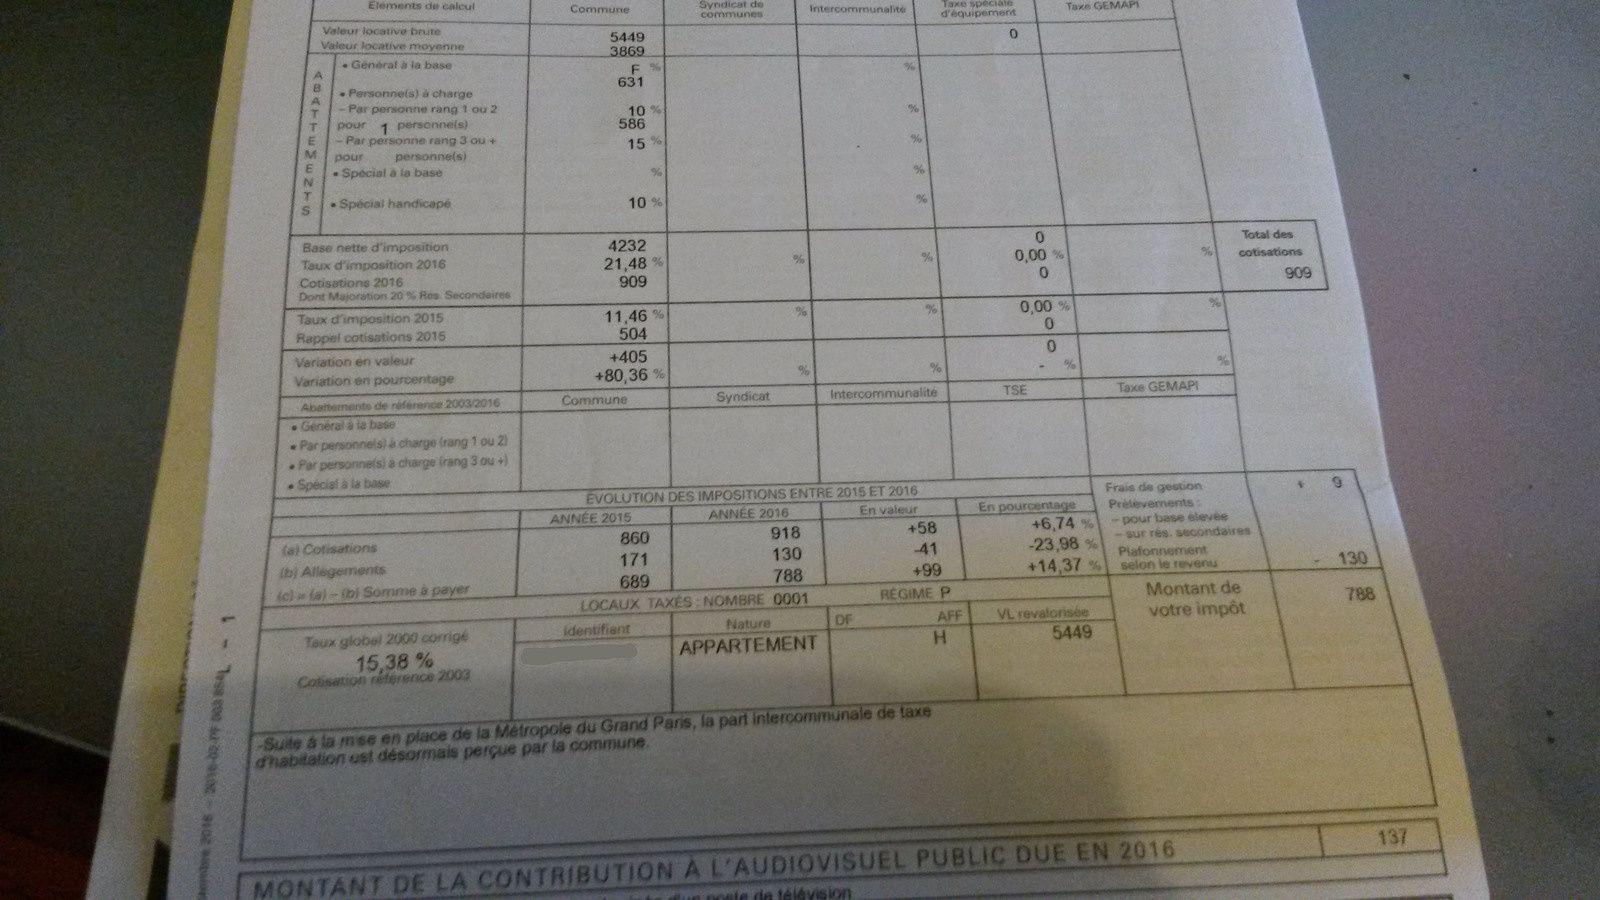 Une voisine m'a communiqué ses avis d'impositions : pour cette maman seule avec un enfant l'augmentation est de 14,37 % !